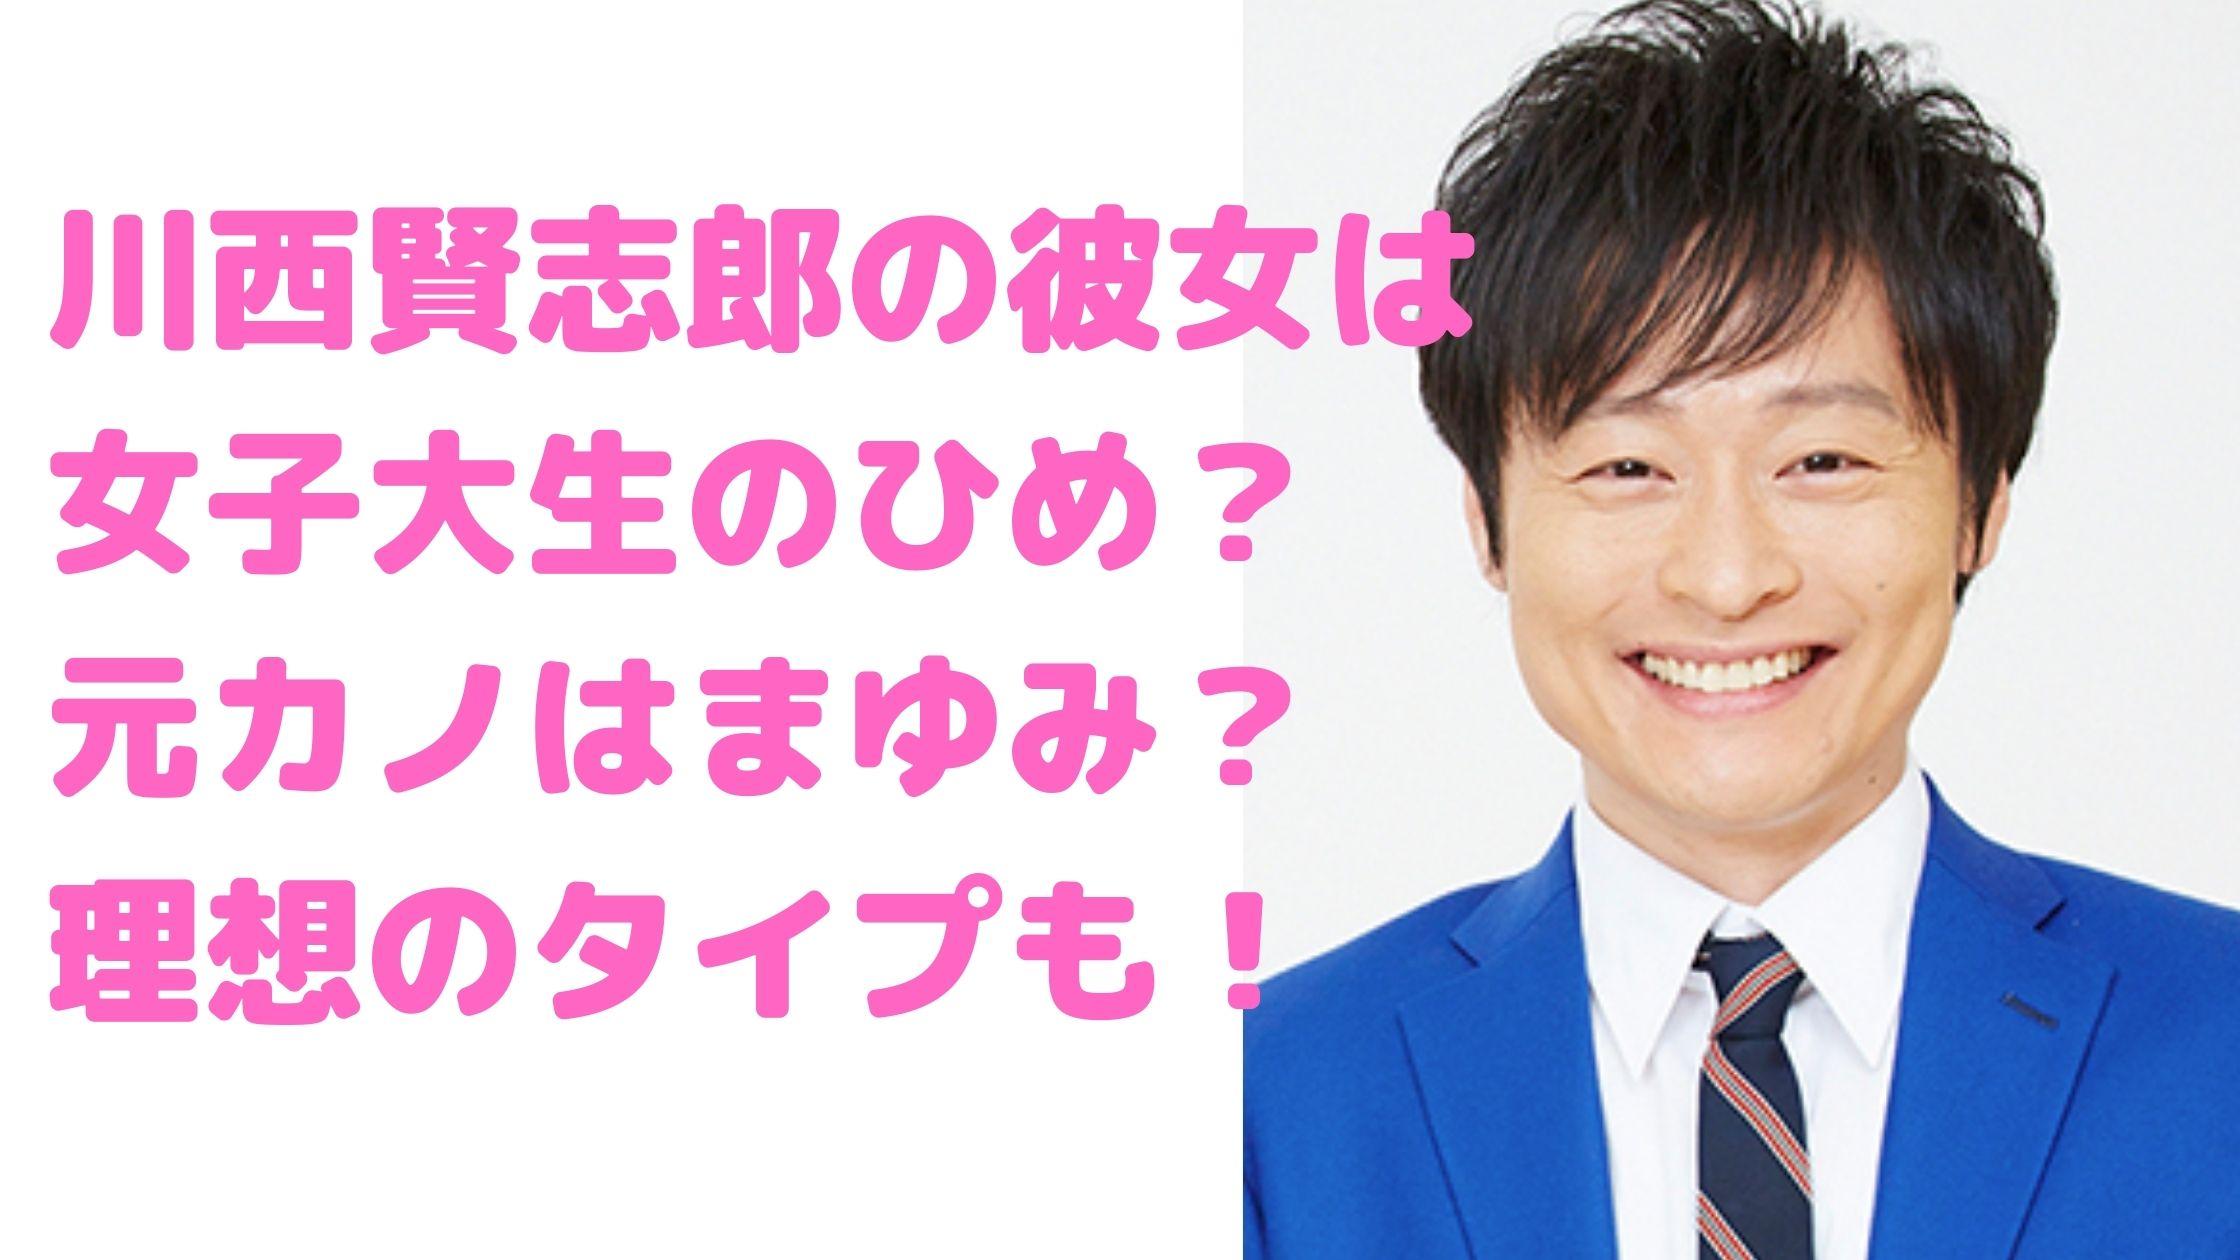 川西賢志郎 彼女 ひめ 女子大生 まゆみ 竹内アナ 理想のタイプ 結婚 嫁